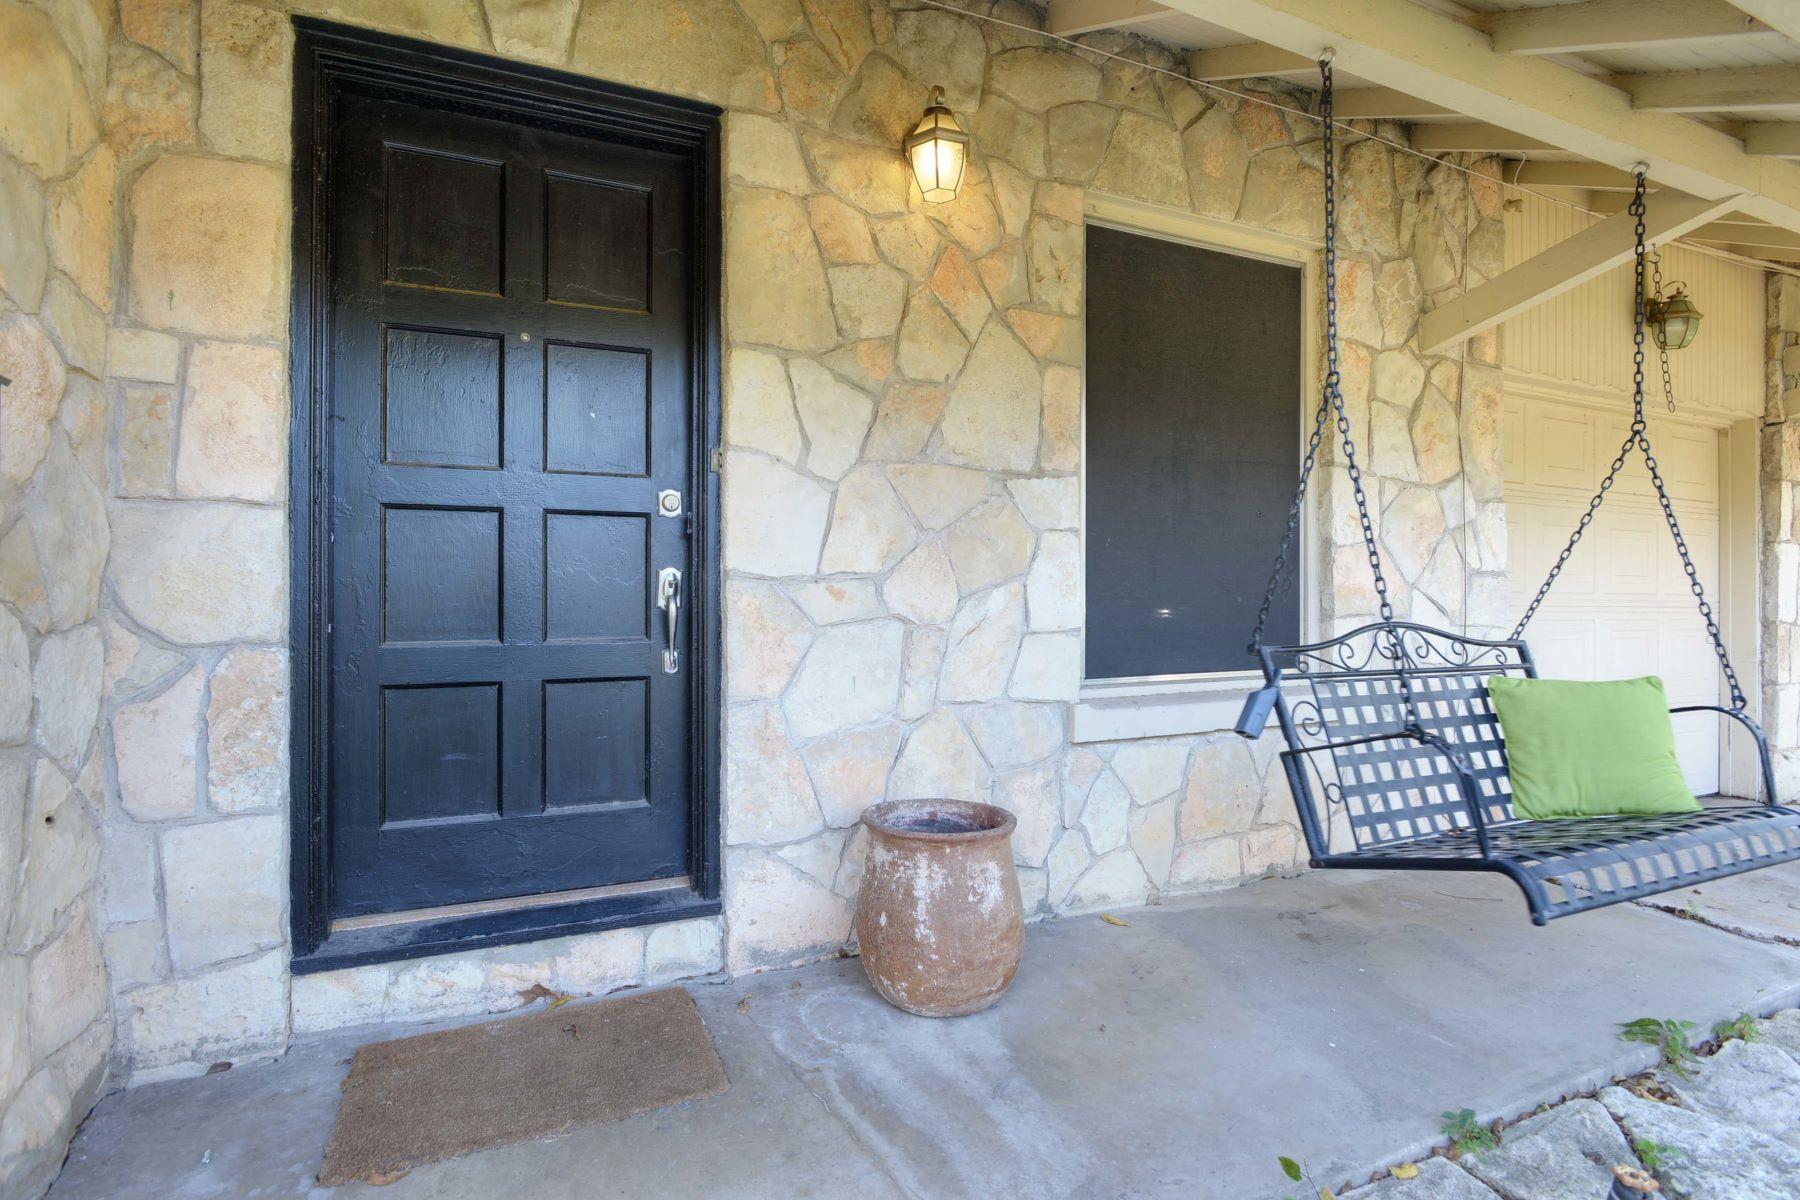 Casa Unifamiliar por un Alquiler en 238 Lovera Blvd 238 Lovera Blvd San Antonio, Texas 78212 Estados Unidos